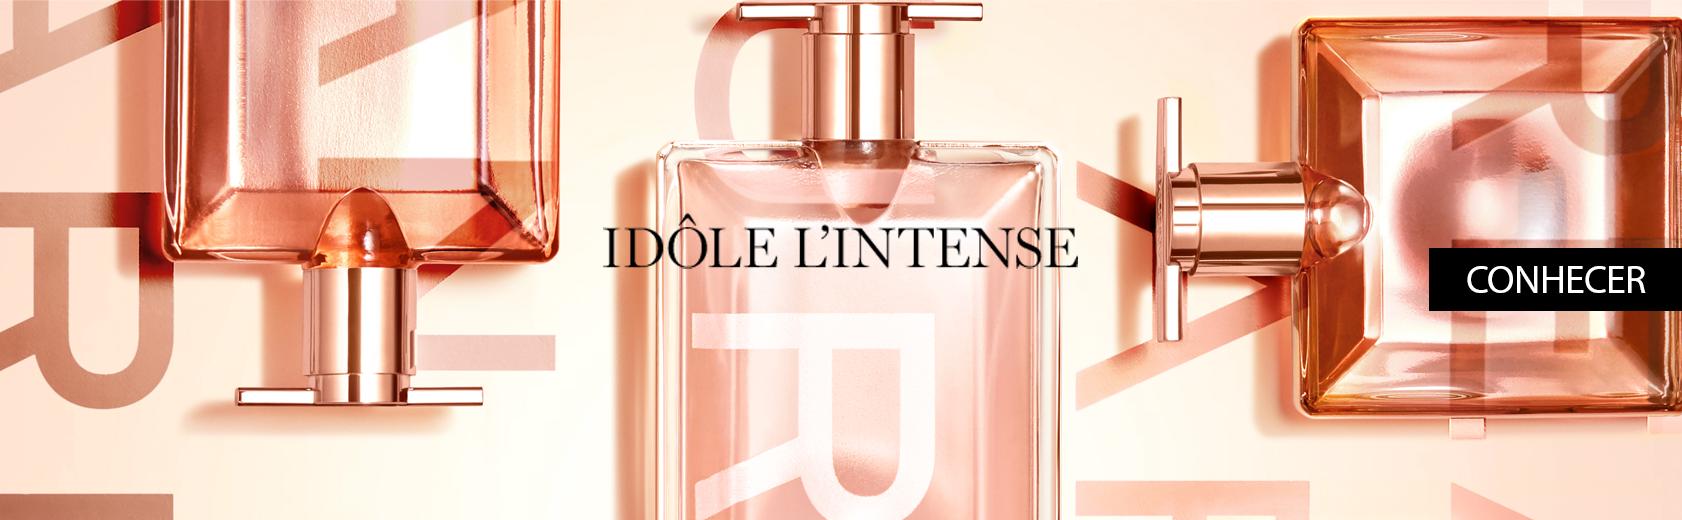 New idole